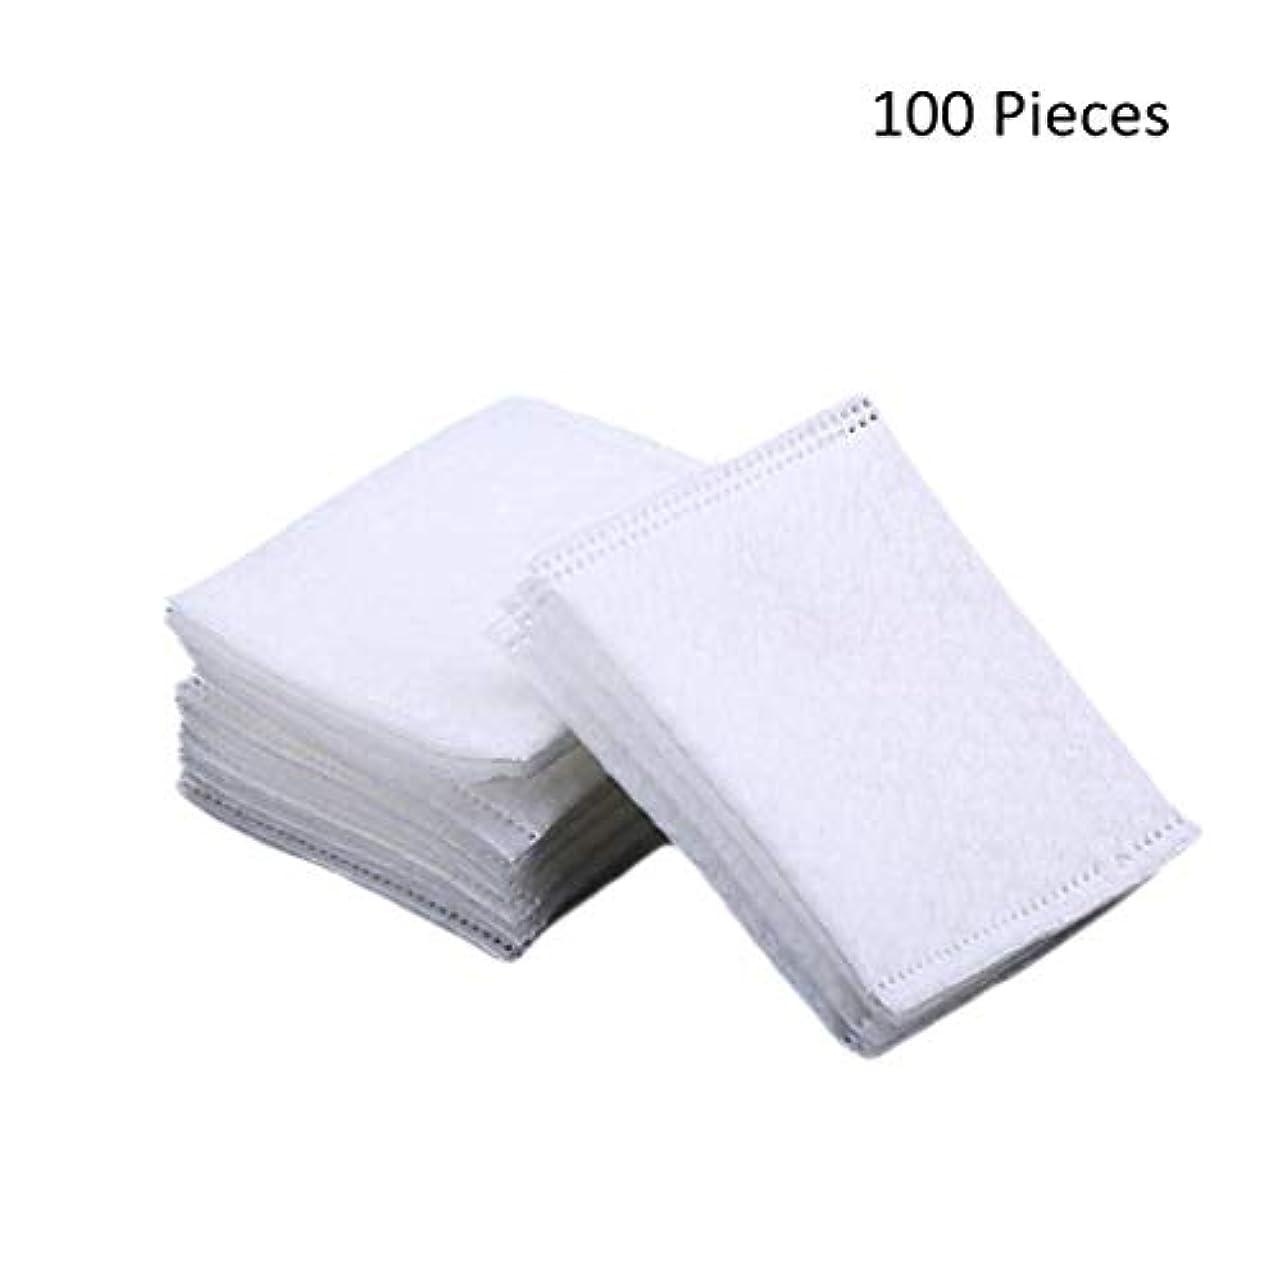 官僚基礎カリキュラム50/100/220ピースダブルサイドフェイスメイクアップリムーバーコットンパッド密封旅行削除コットンパッドスキン化粧品メイクアップツール (Color : White, サイズ : 100 Pieces)